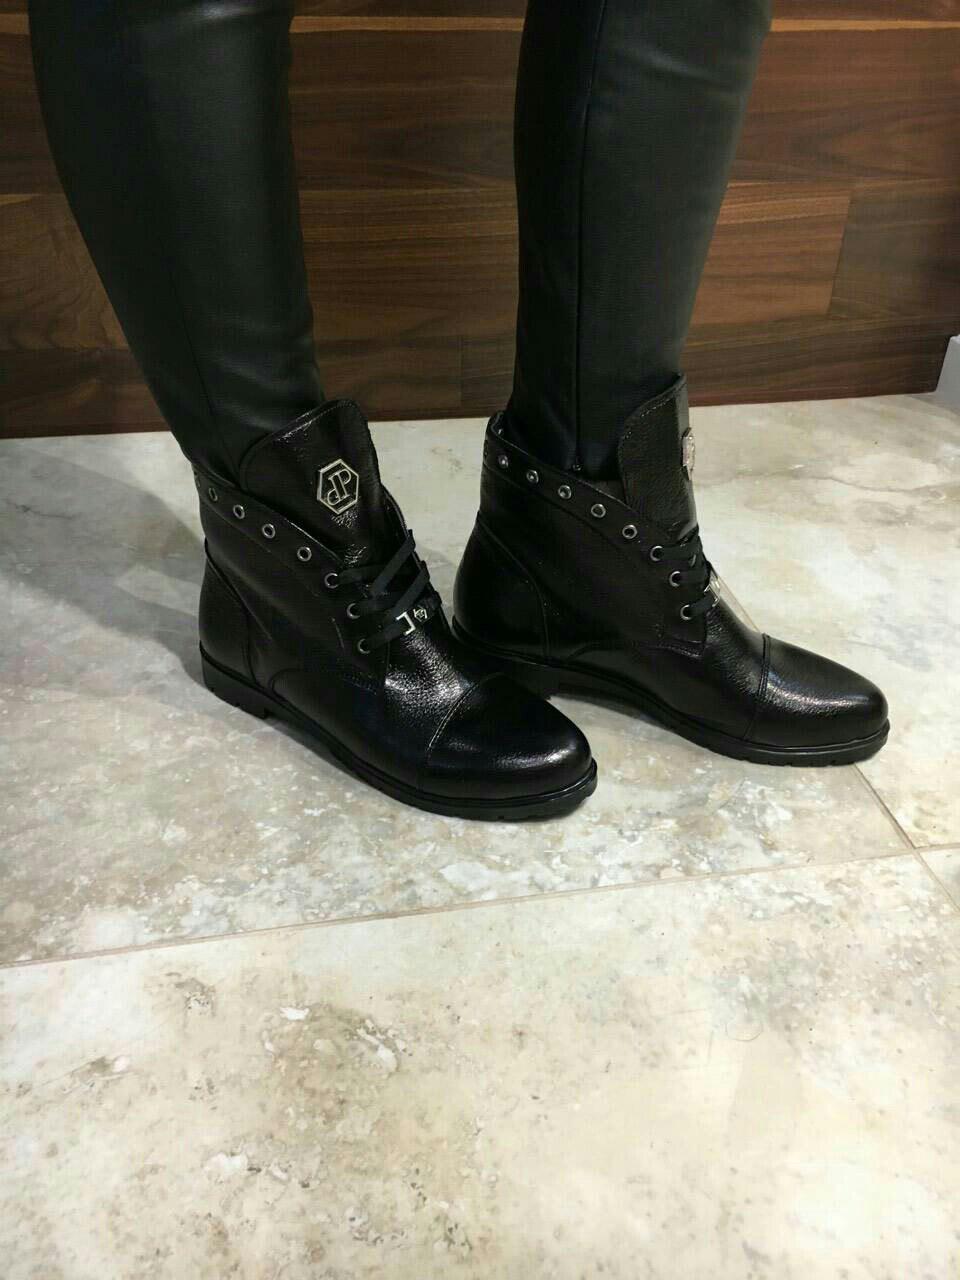 e4759982 Женские кожаные брендовые ботинки Philipp Plein черные - ГЛЯНЕЦ |  Интернет-магазин КОЖАНОЙ обуви с